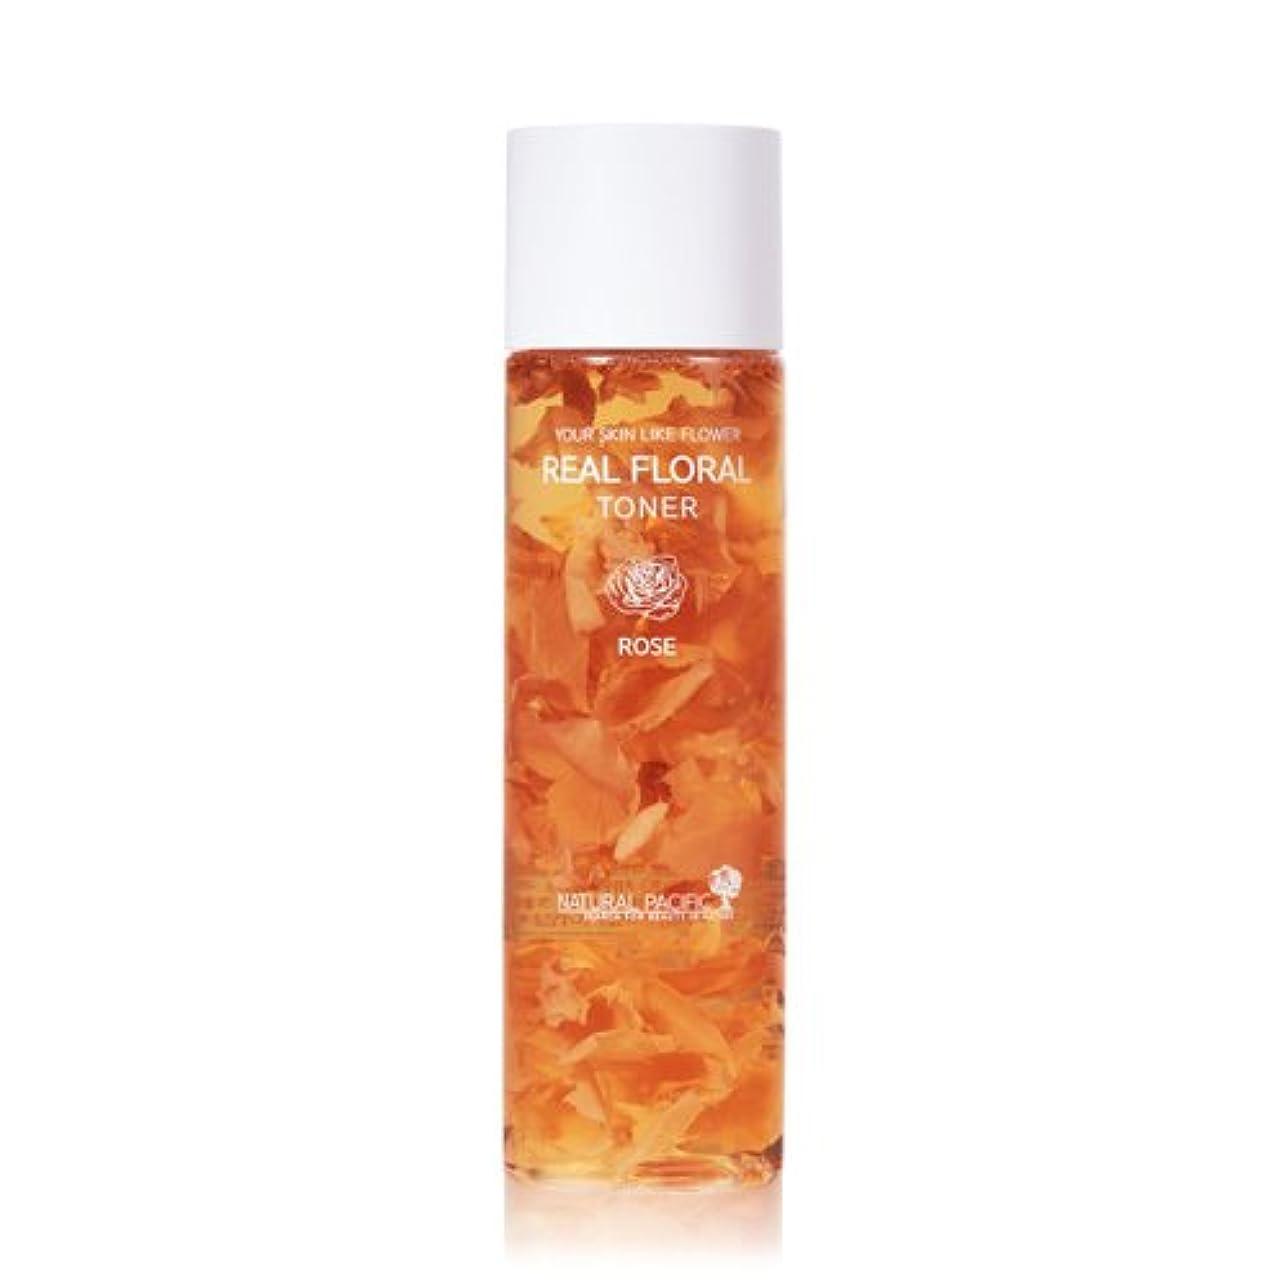 決定実現可能性賛辞NATURAL PACIFIC Real Rose Floral Toner 180ml/ナチュラルパシフィック リアル ローズ フローラル トナー 180ml [並行輸入品]